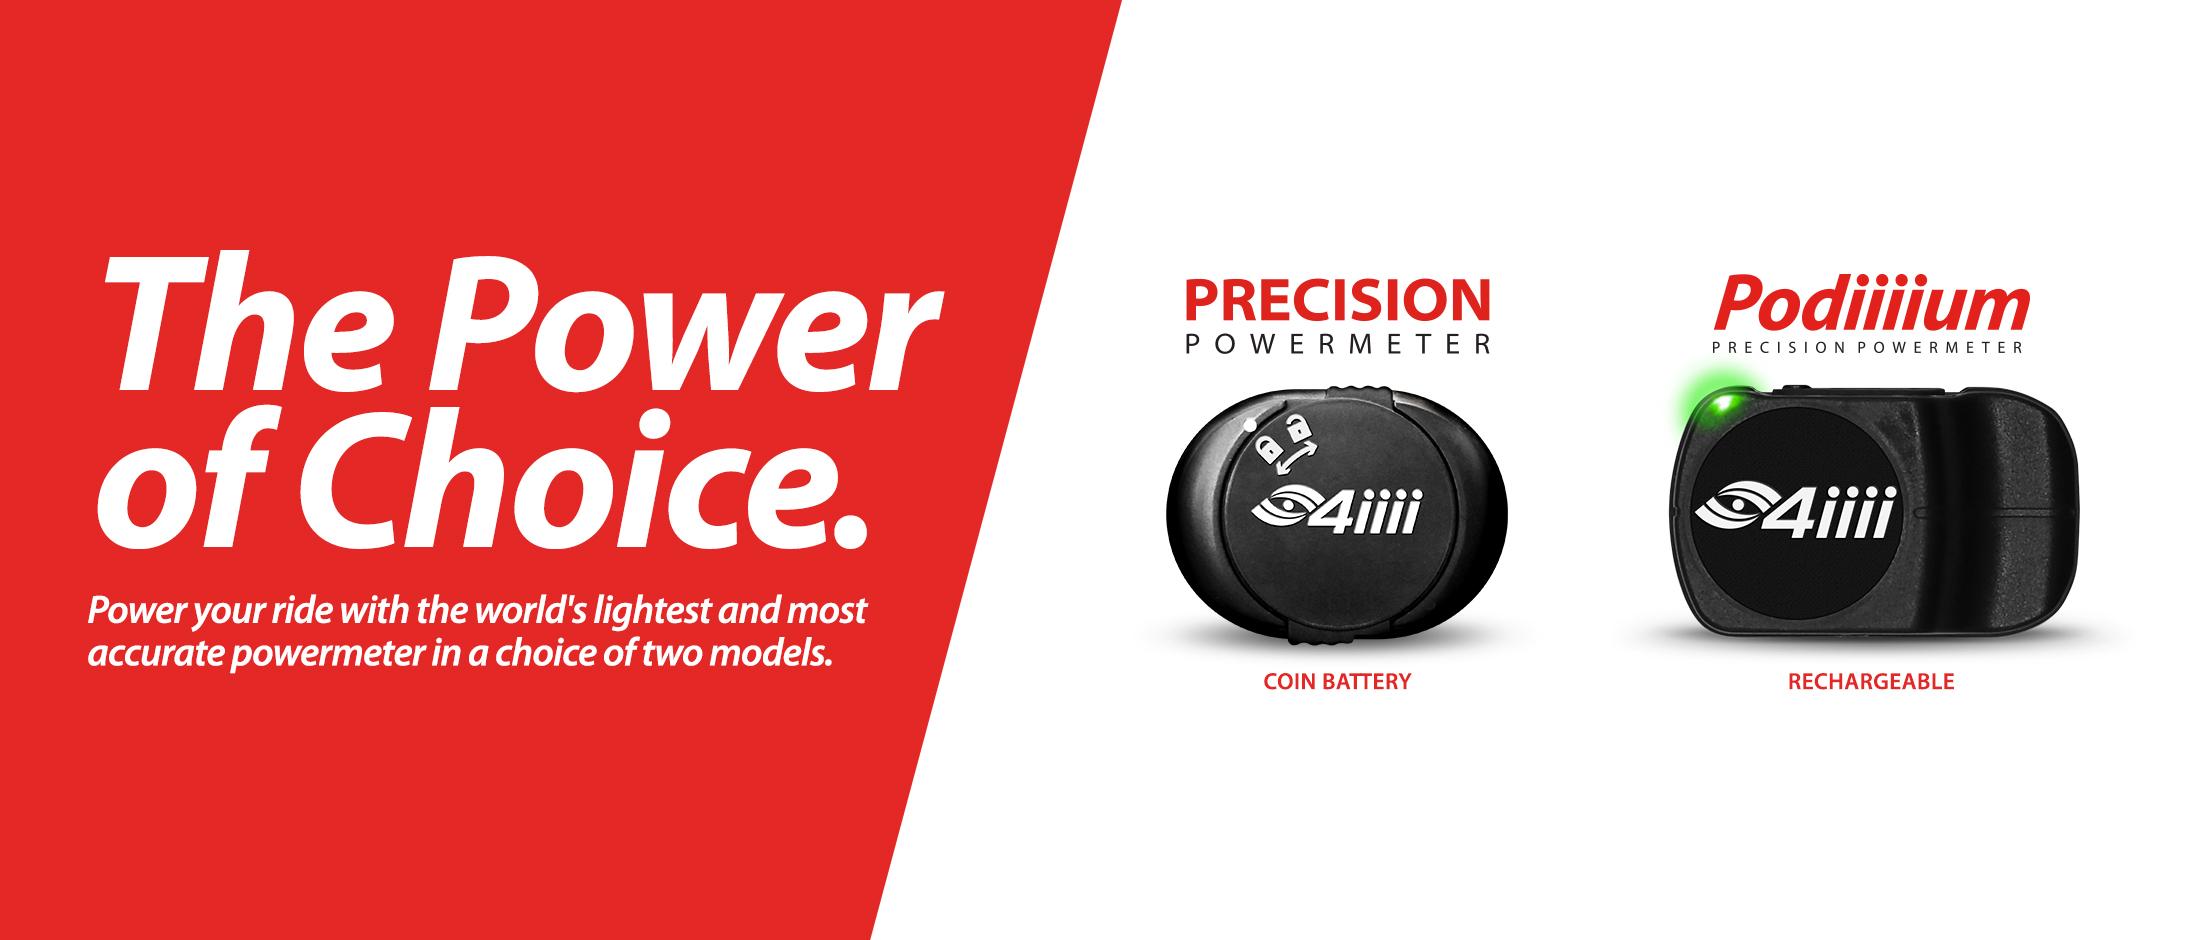 4iiii_Website_PRECISION_Podiiiium